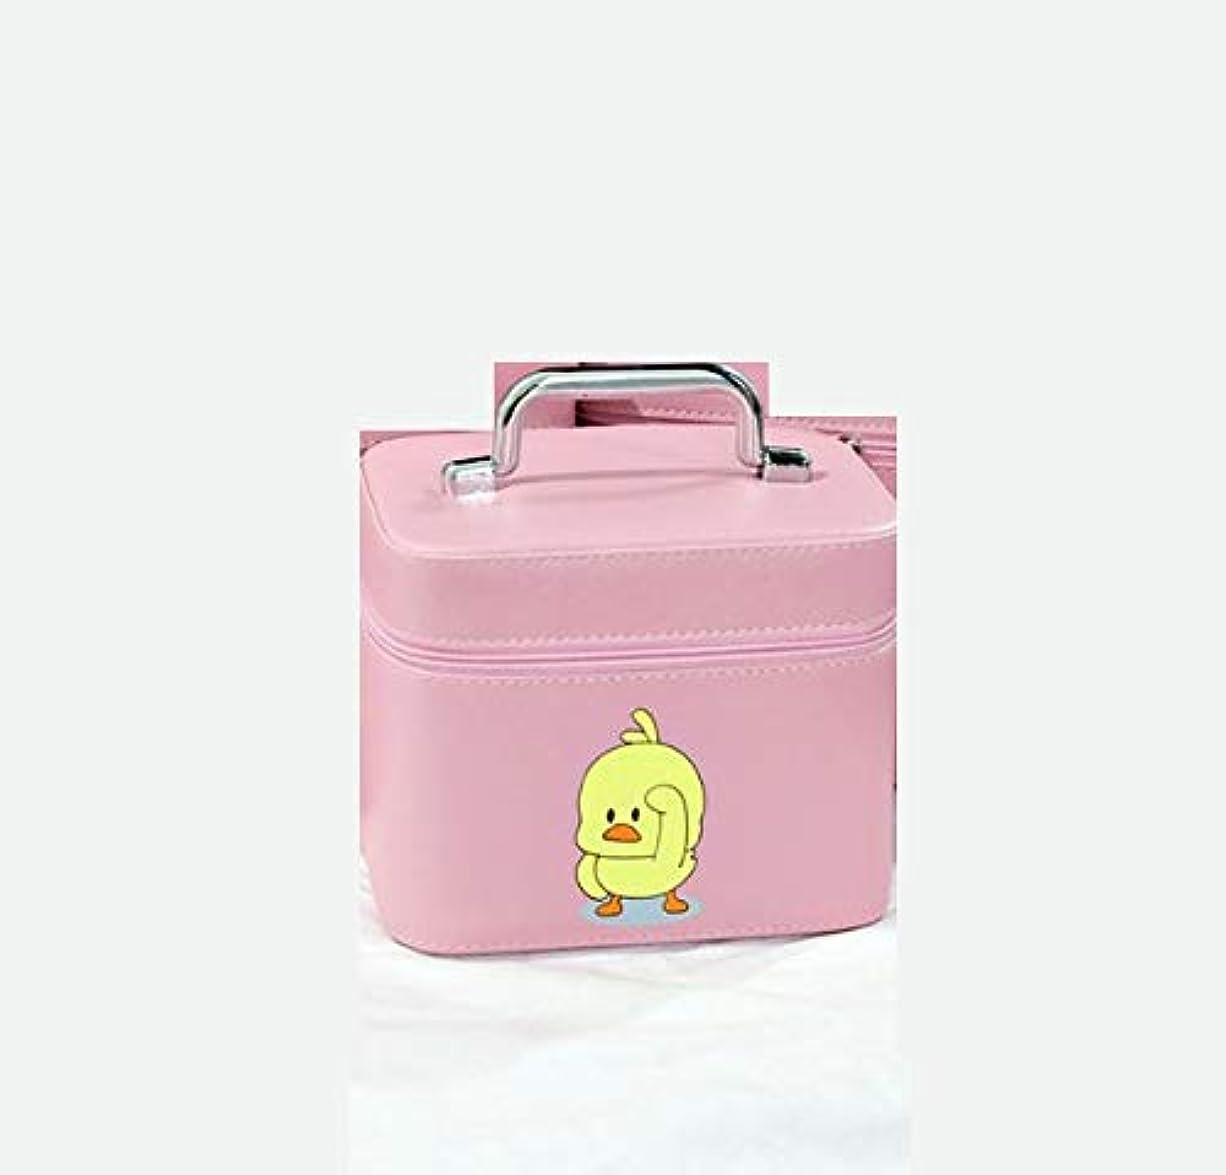 悪性の妨げる徹底化粧箱、大容量漫画アヒル化粧品ケース、ポータブル旅行化粧品ケース、美容ネイルジュエリー収納ボックス (Size : M)